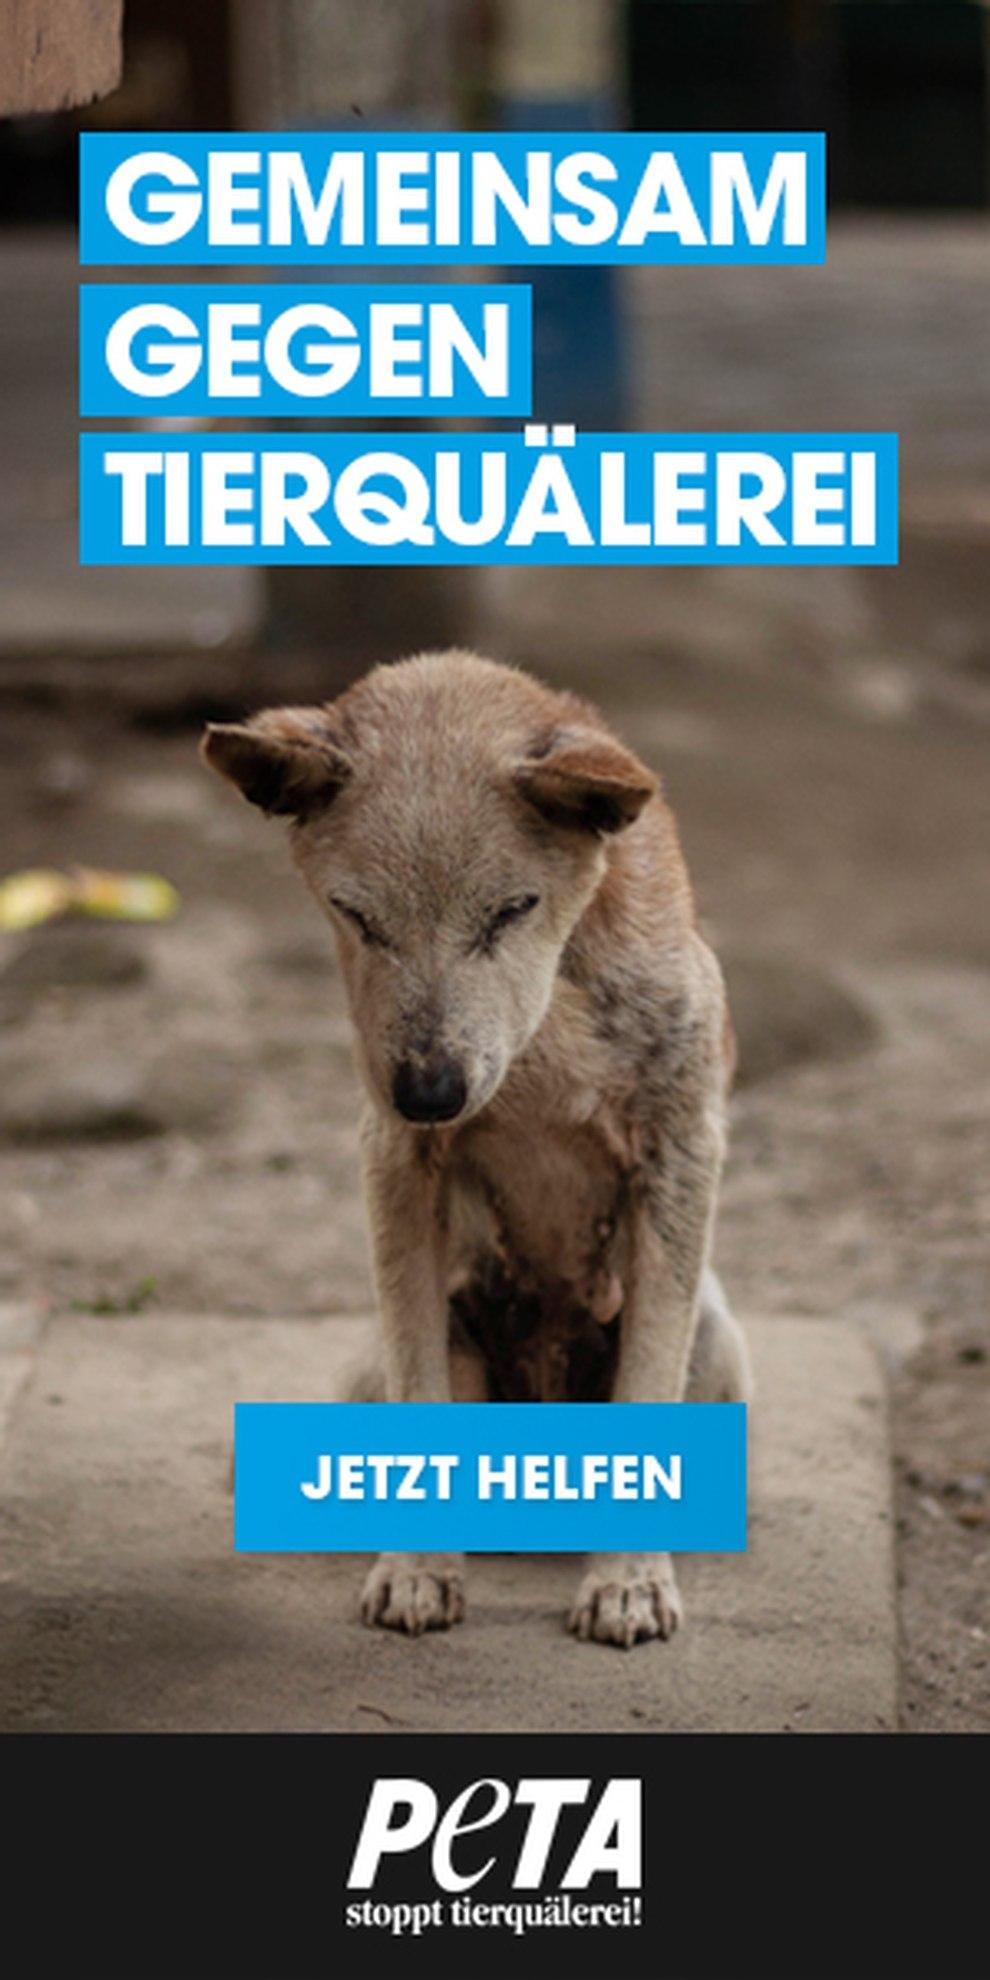 PETA Deutschland - Gemeinsam gegen Tierquälerei